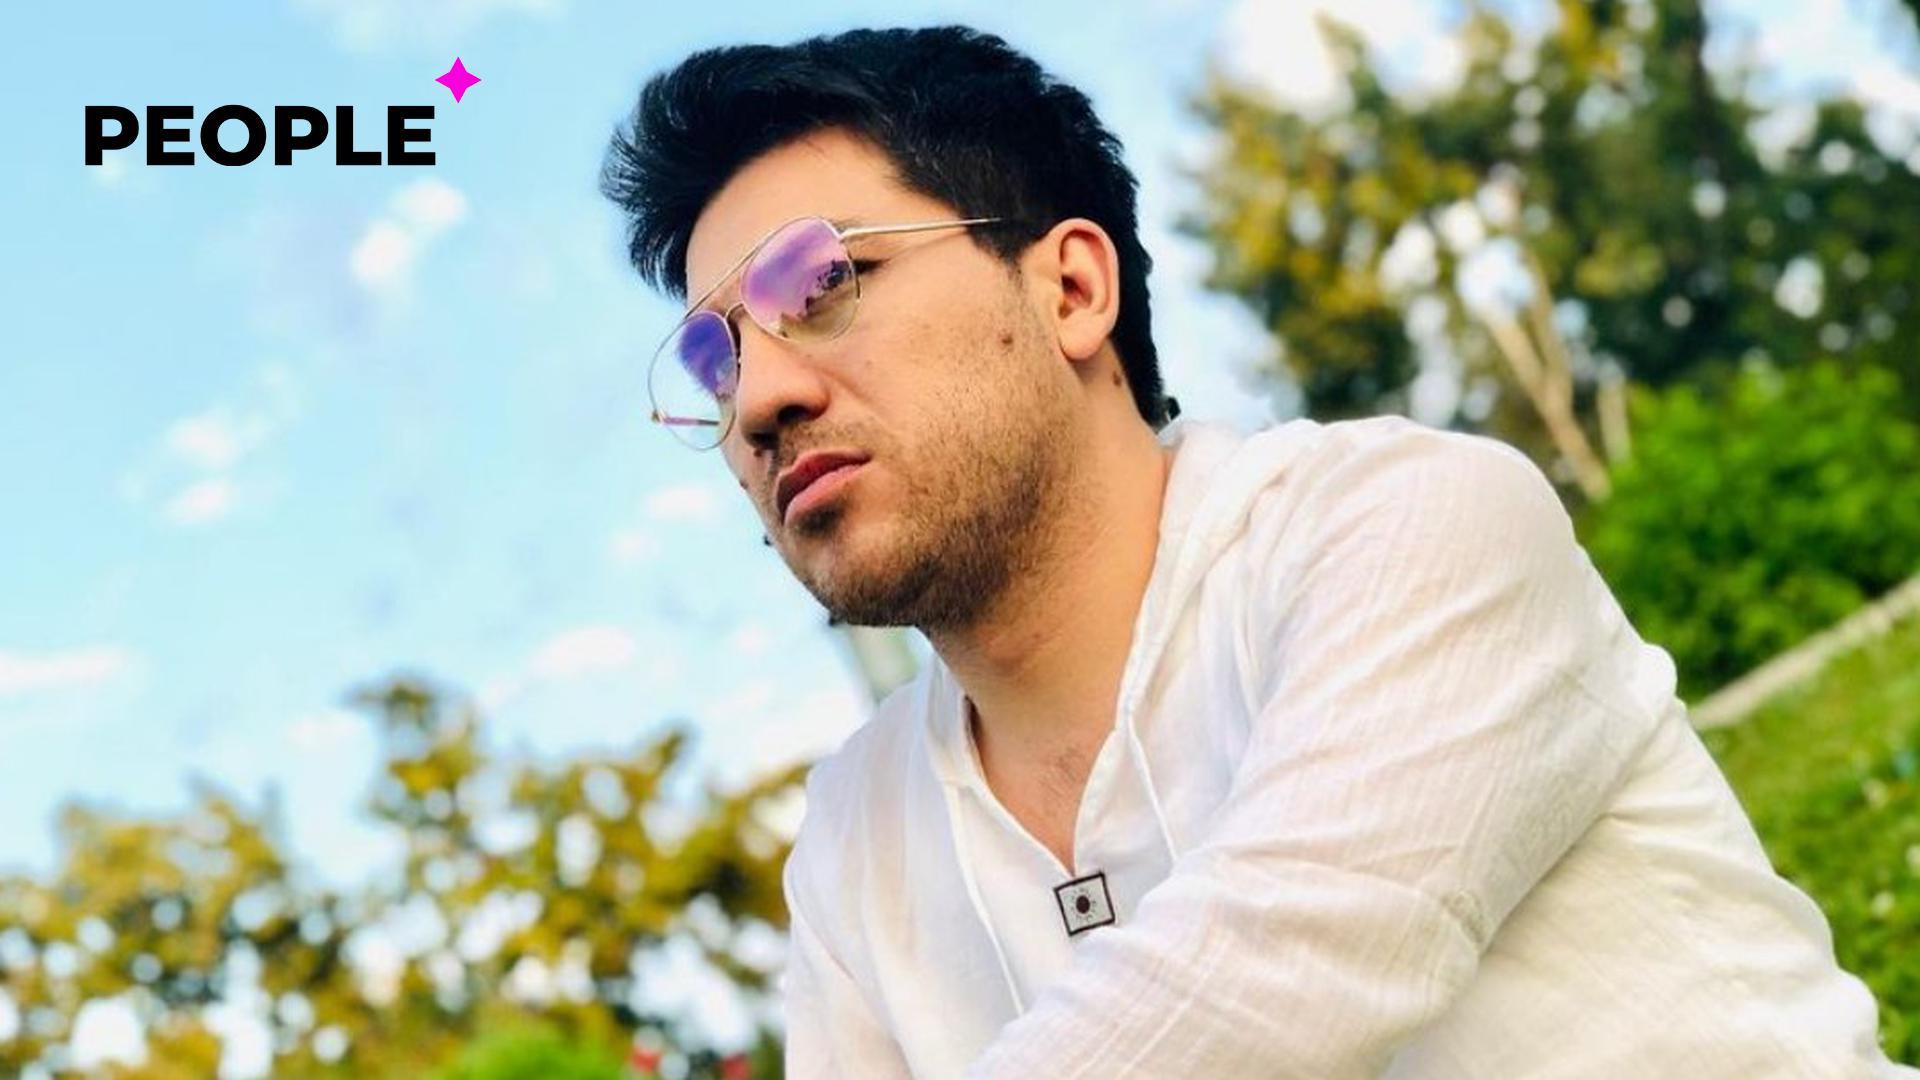 «Меня здесь не ценят»: Ахад Каюм заявил, что хочет переехать в Индию и снимать болливудские фильмы